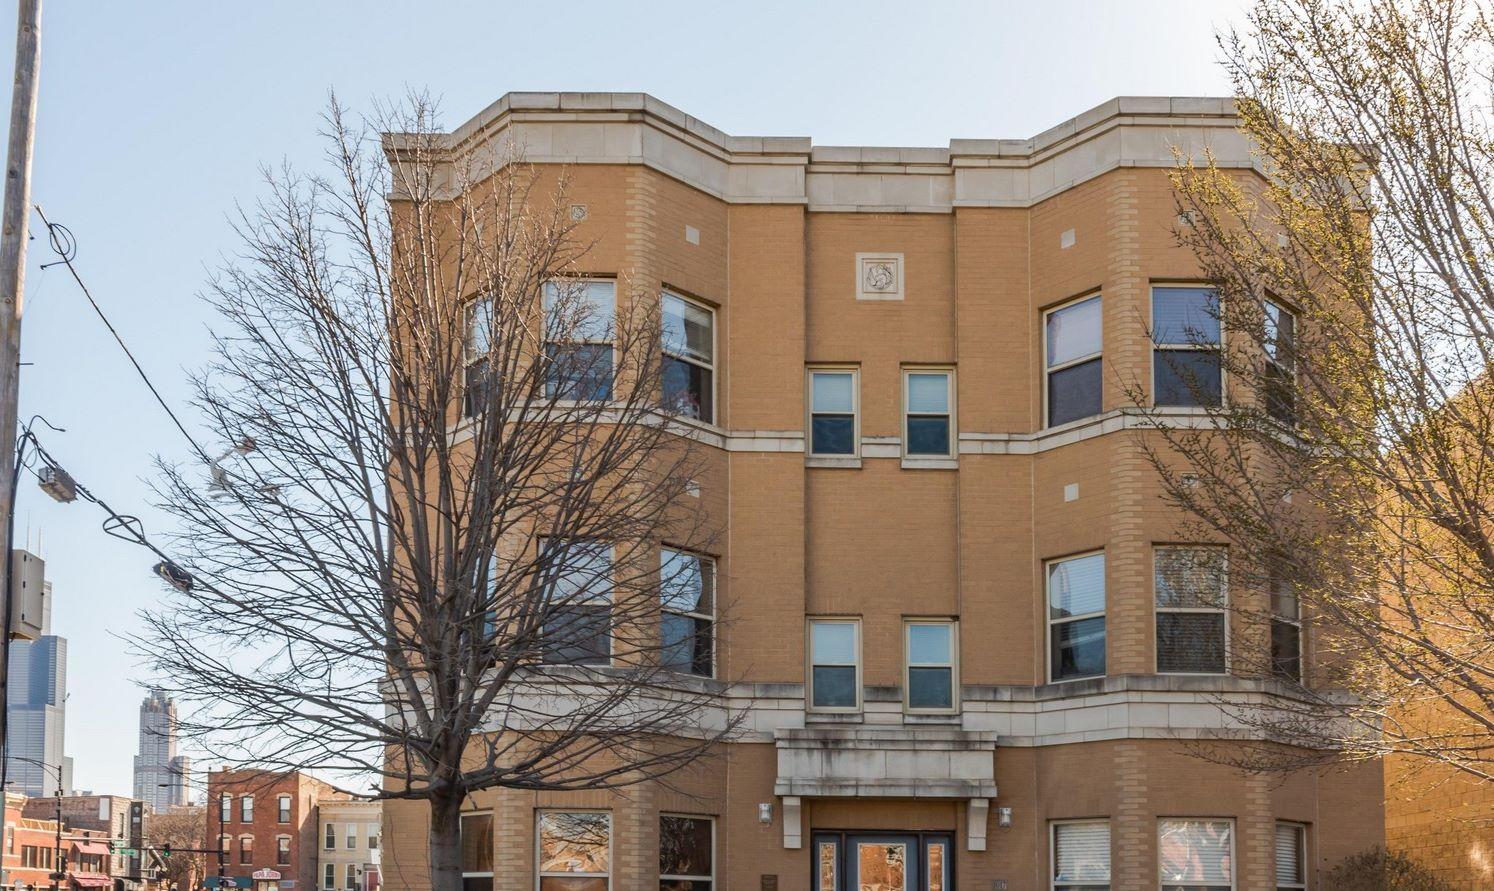 Duplo para Venda às Little Italy Duplex 1017 S Lytle Street Unit 302 Near West Side, Chicago, Illinois, 60607 Estados Unidos